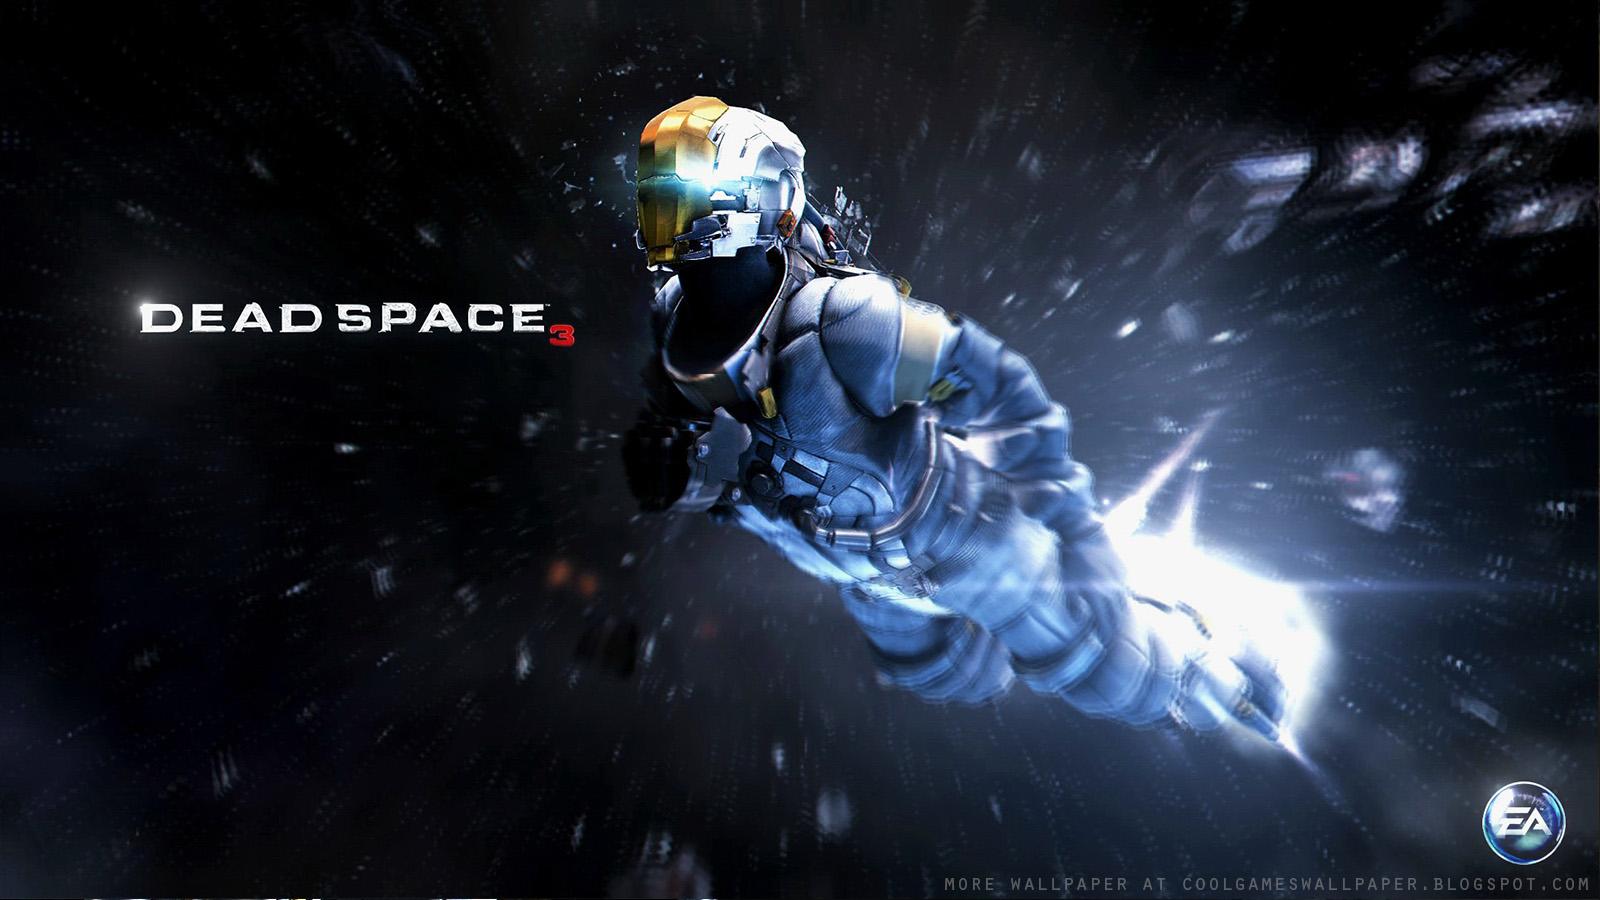 http://1.bp.blogspot.com/--M3Z1VpgCVs/UPpUAbdfzII/AAAAAAAABHE/UE95ElZsxoo/s1600/dead-space-3-wallpaper-4.jpg